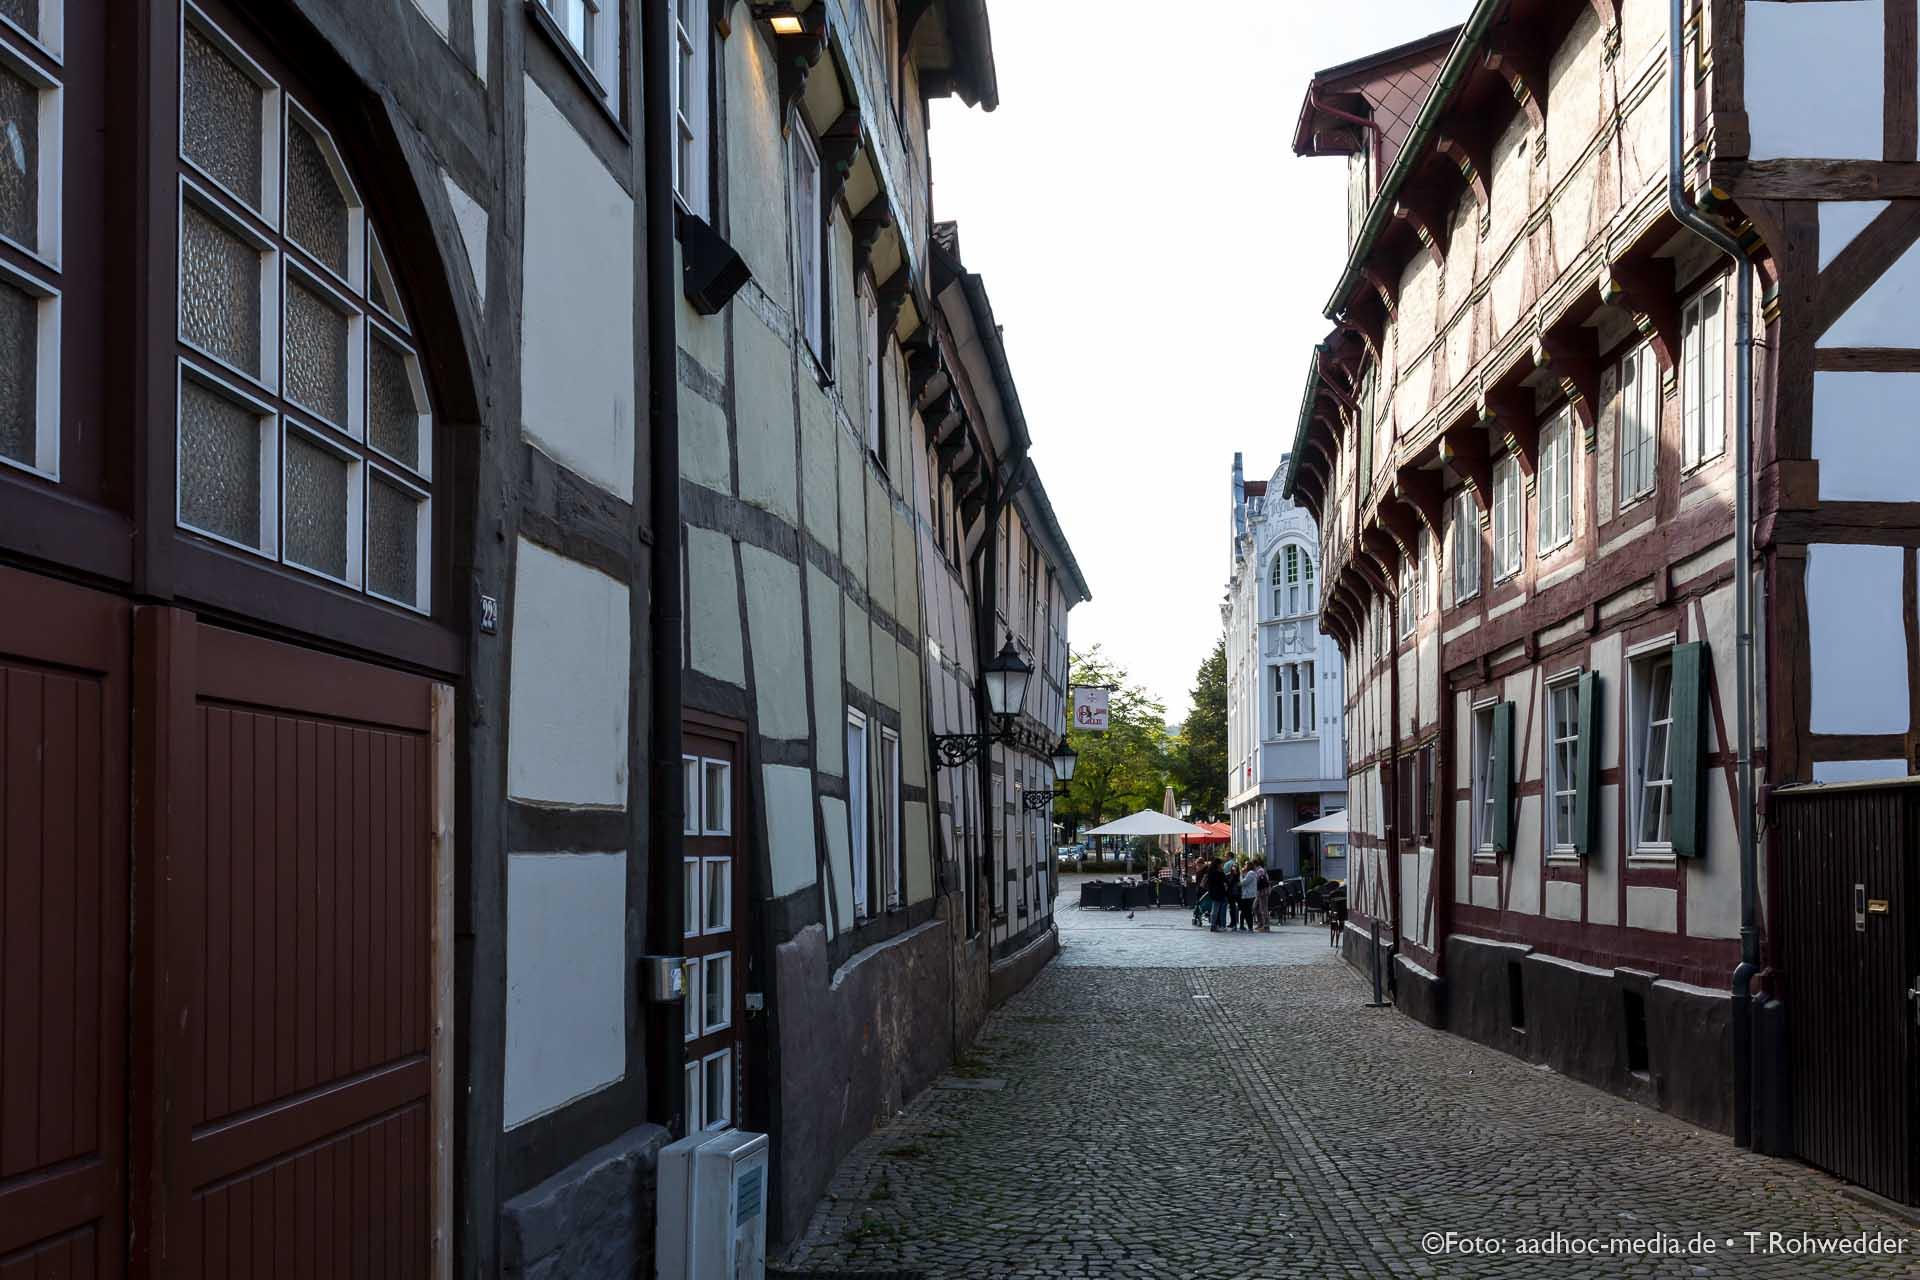 In den Gassen der Altstadt finden sich viele alte Fachwerkhäuser bei der Suche nach dem Rattenfänger von Hameln